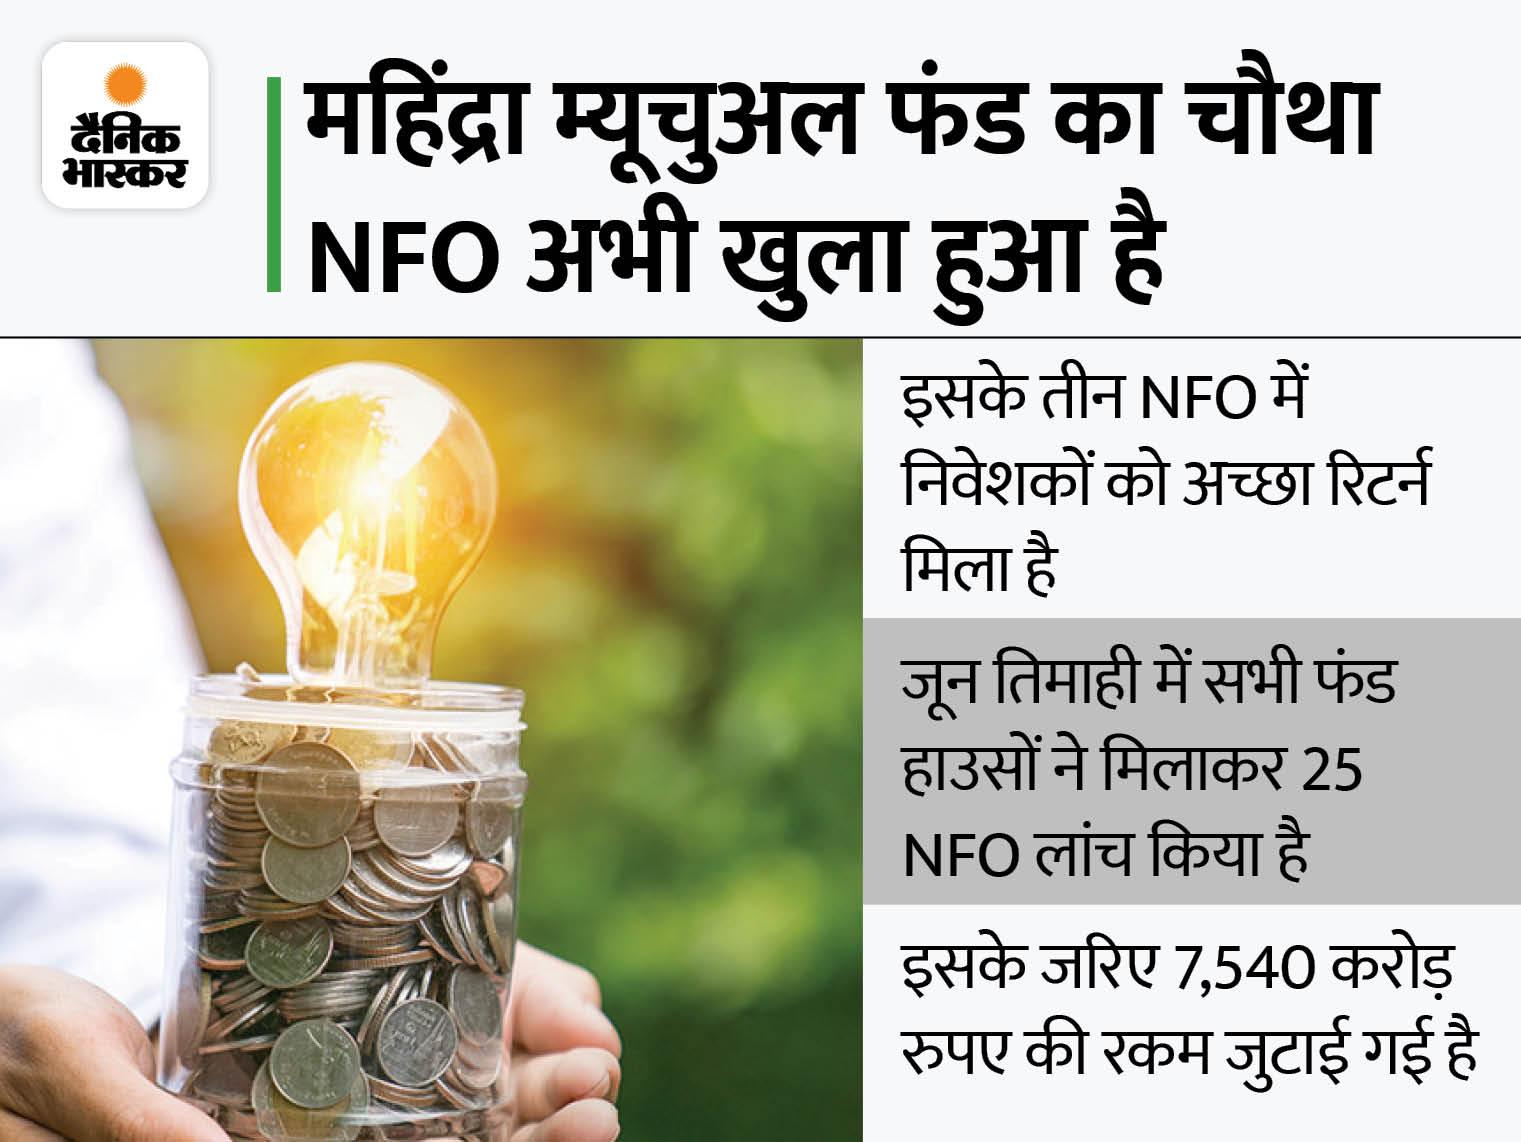 महिंद्रा मैनुलाइफ के तीन NFO में अच्छा रिटर्न, निवेशकों ने कमाया 16 से 55% तक का फायदा|बिजनेस,Business - Dainik Bhaskar